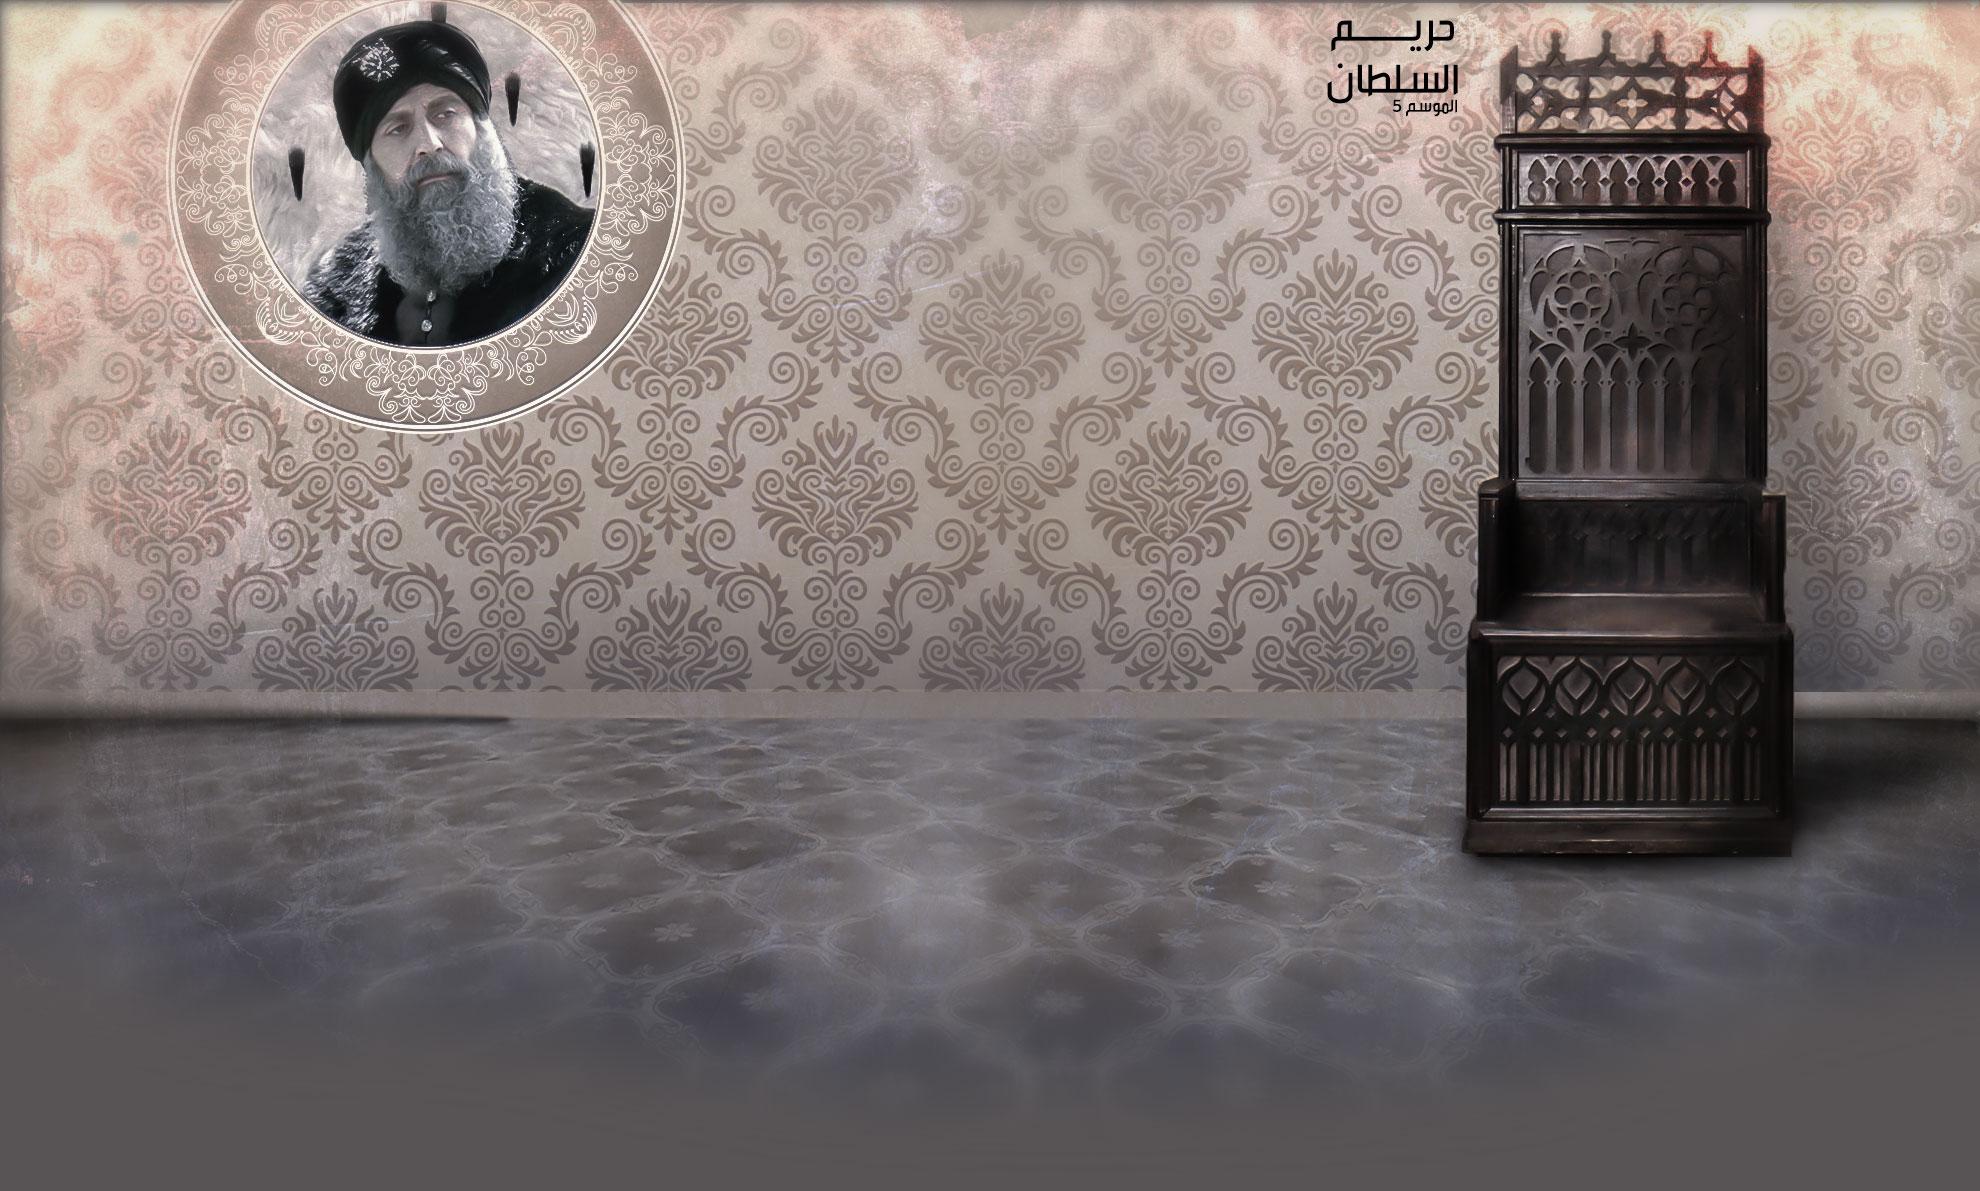 موعد وتوقيت عرض مسلسل حريم السلطان الجزء الخامس 2016 على قناة mbc مصر